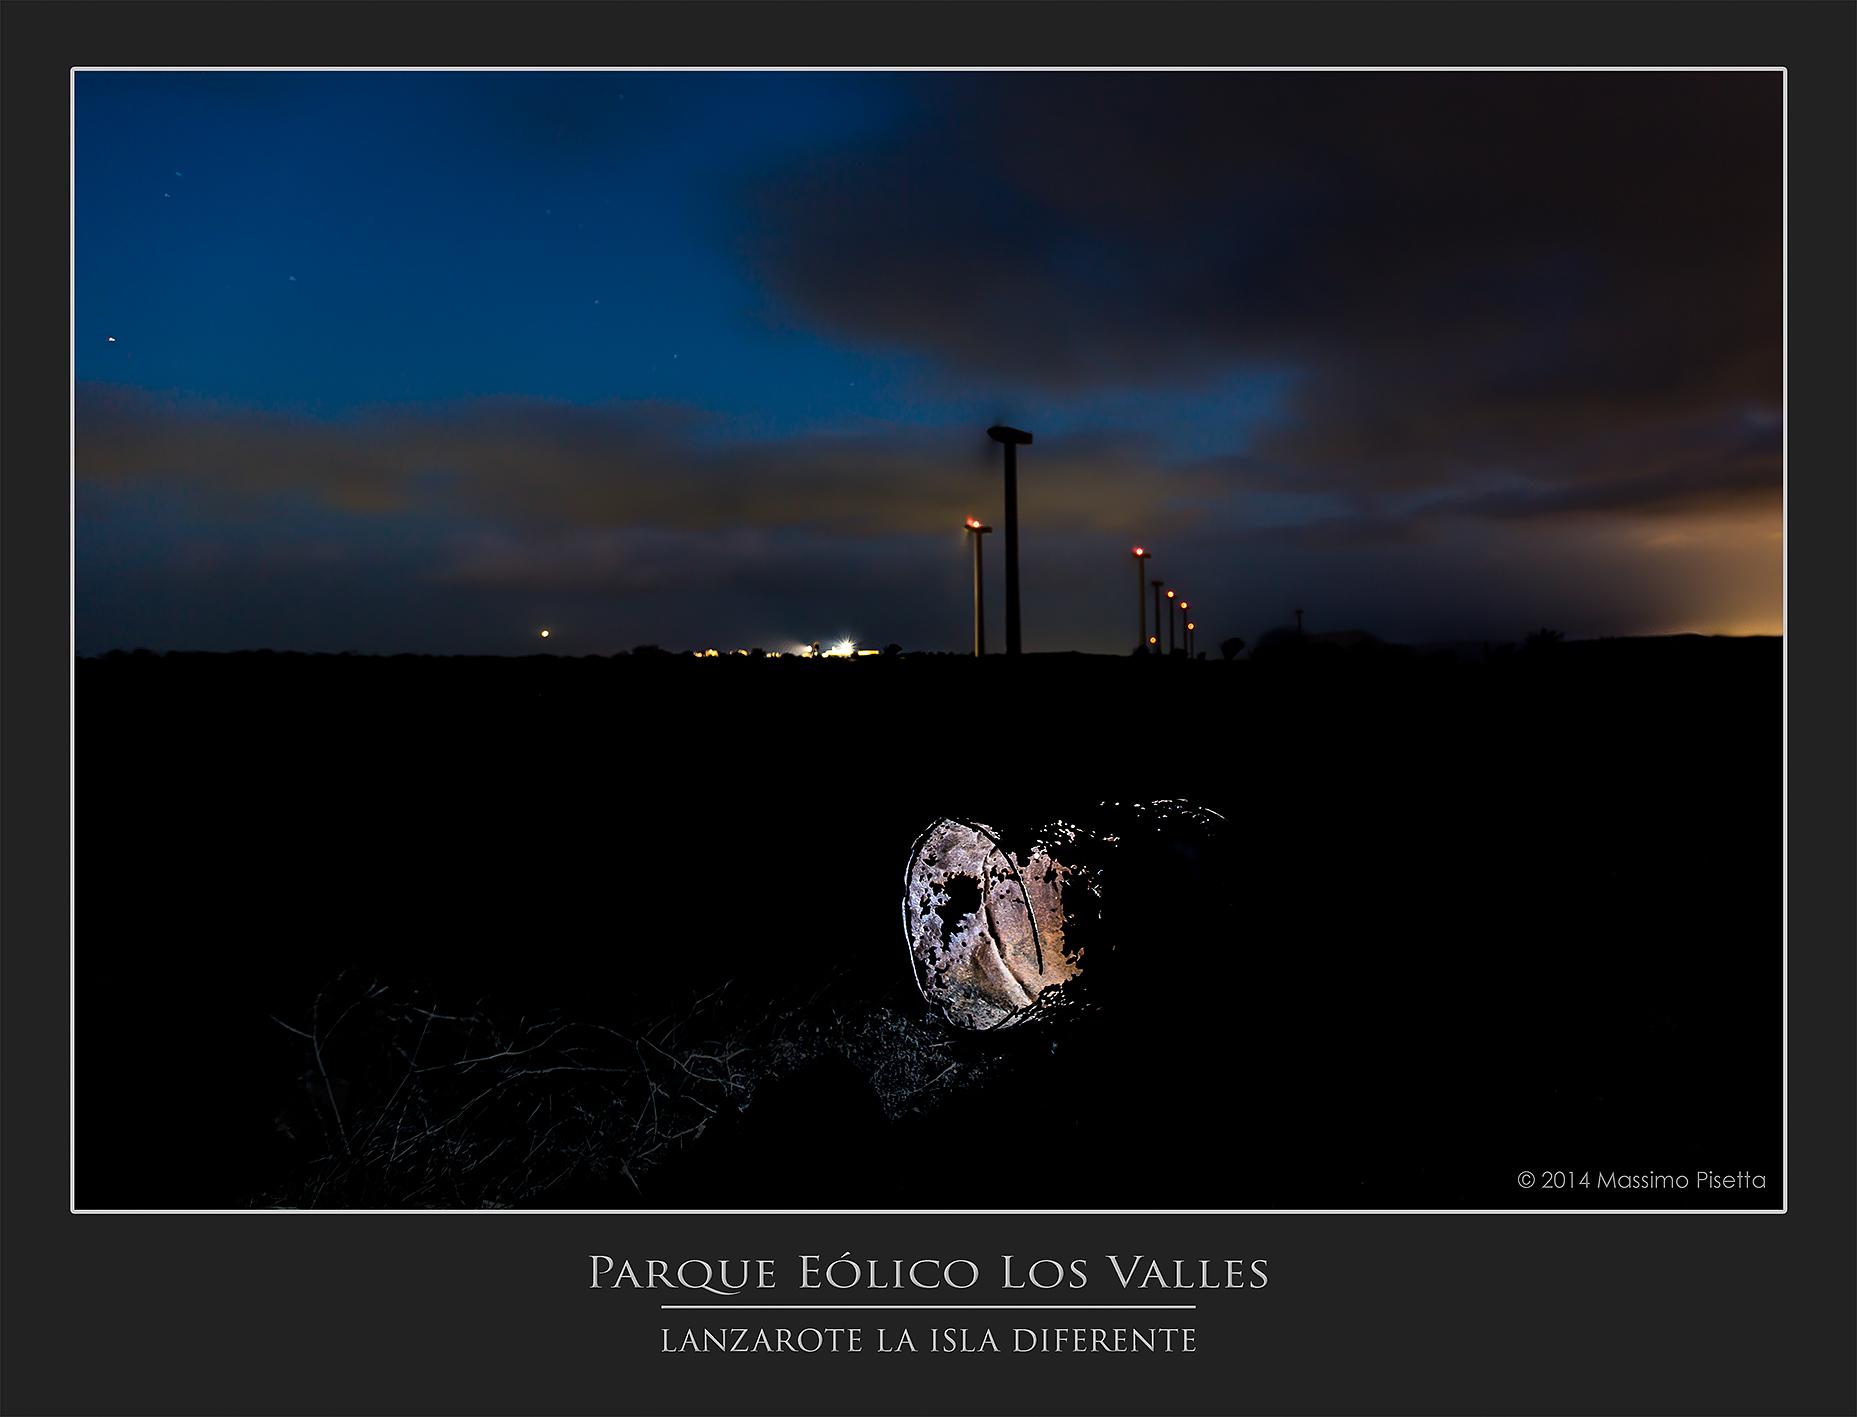 Parque Eólico Los Valles